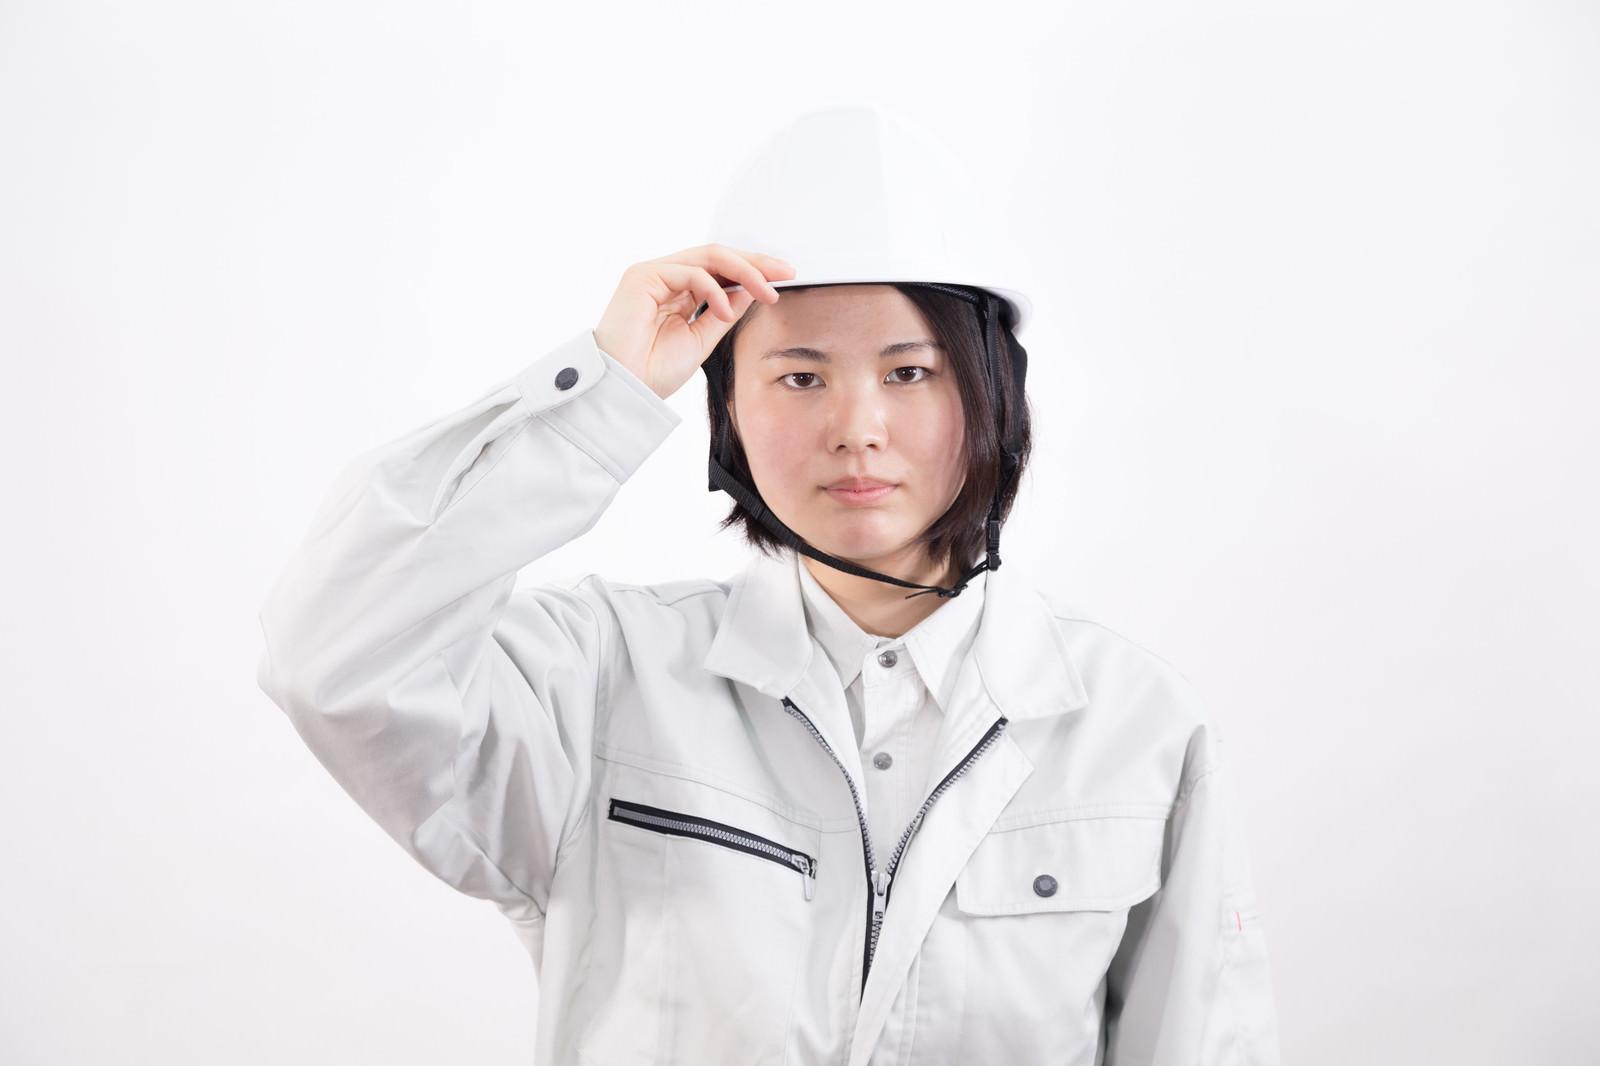 「頭部を守るヘルメット」の写真[モデル:佐竹PP]